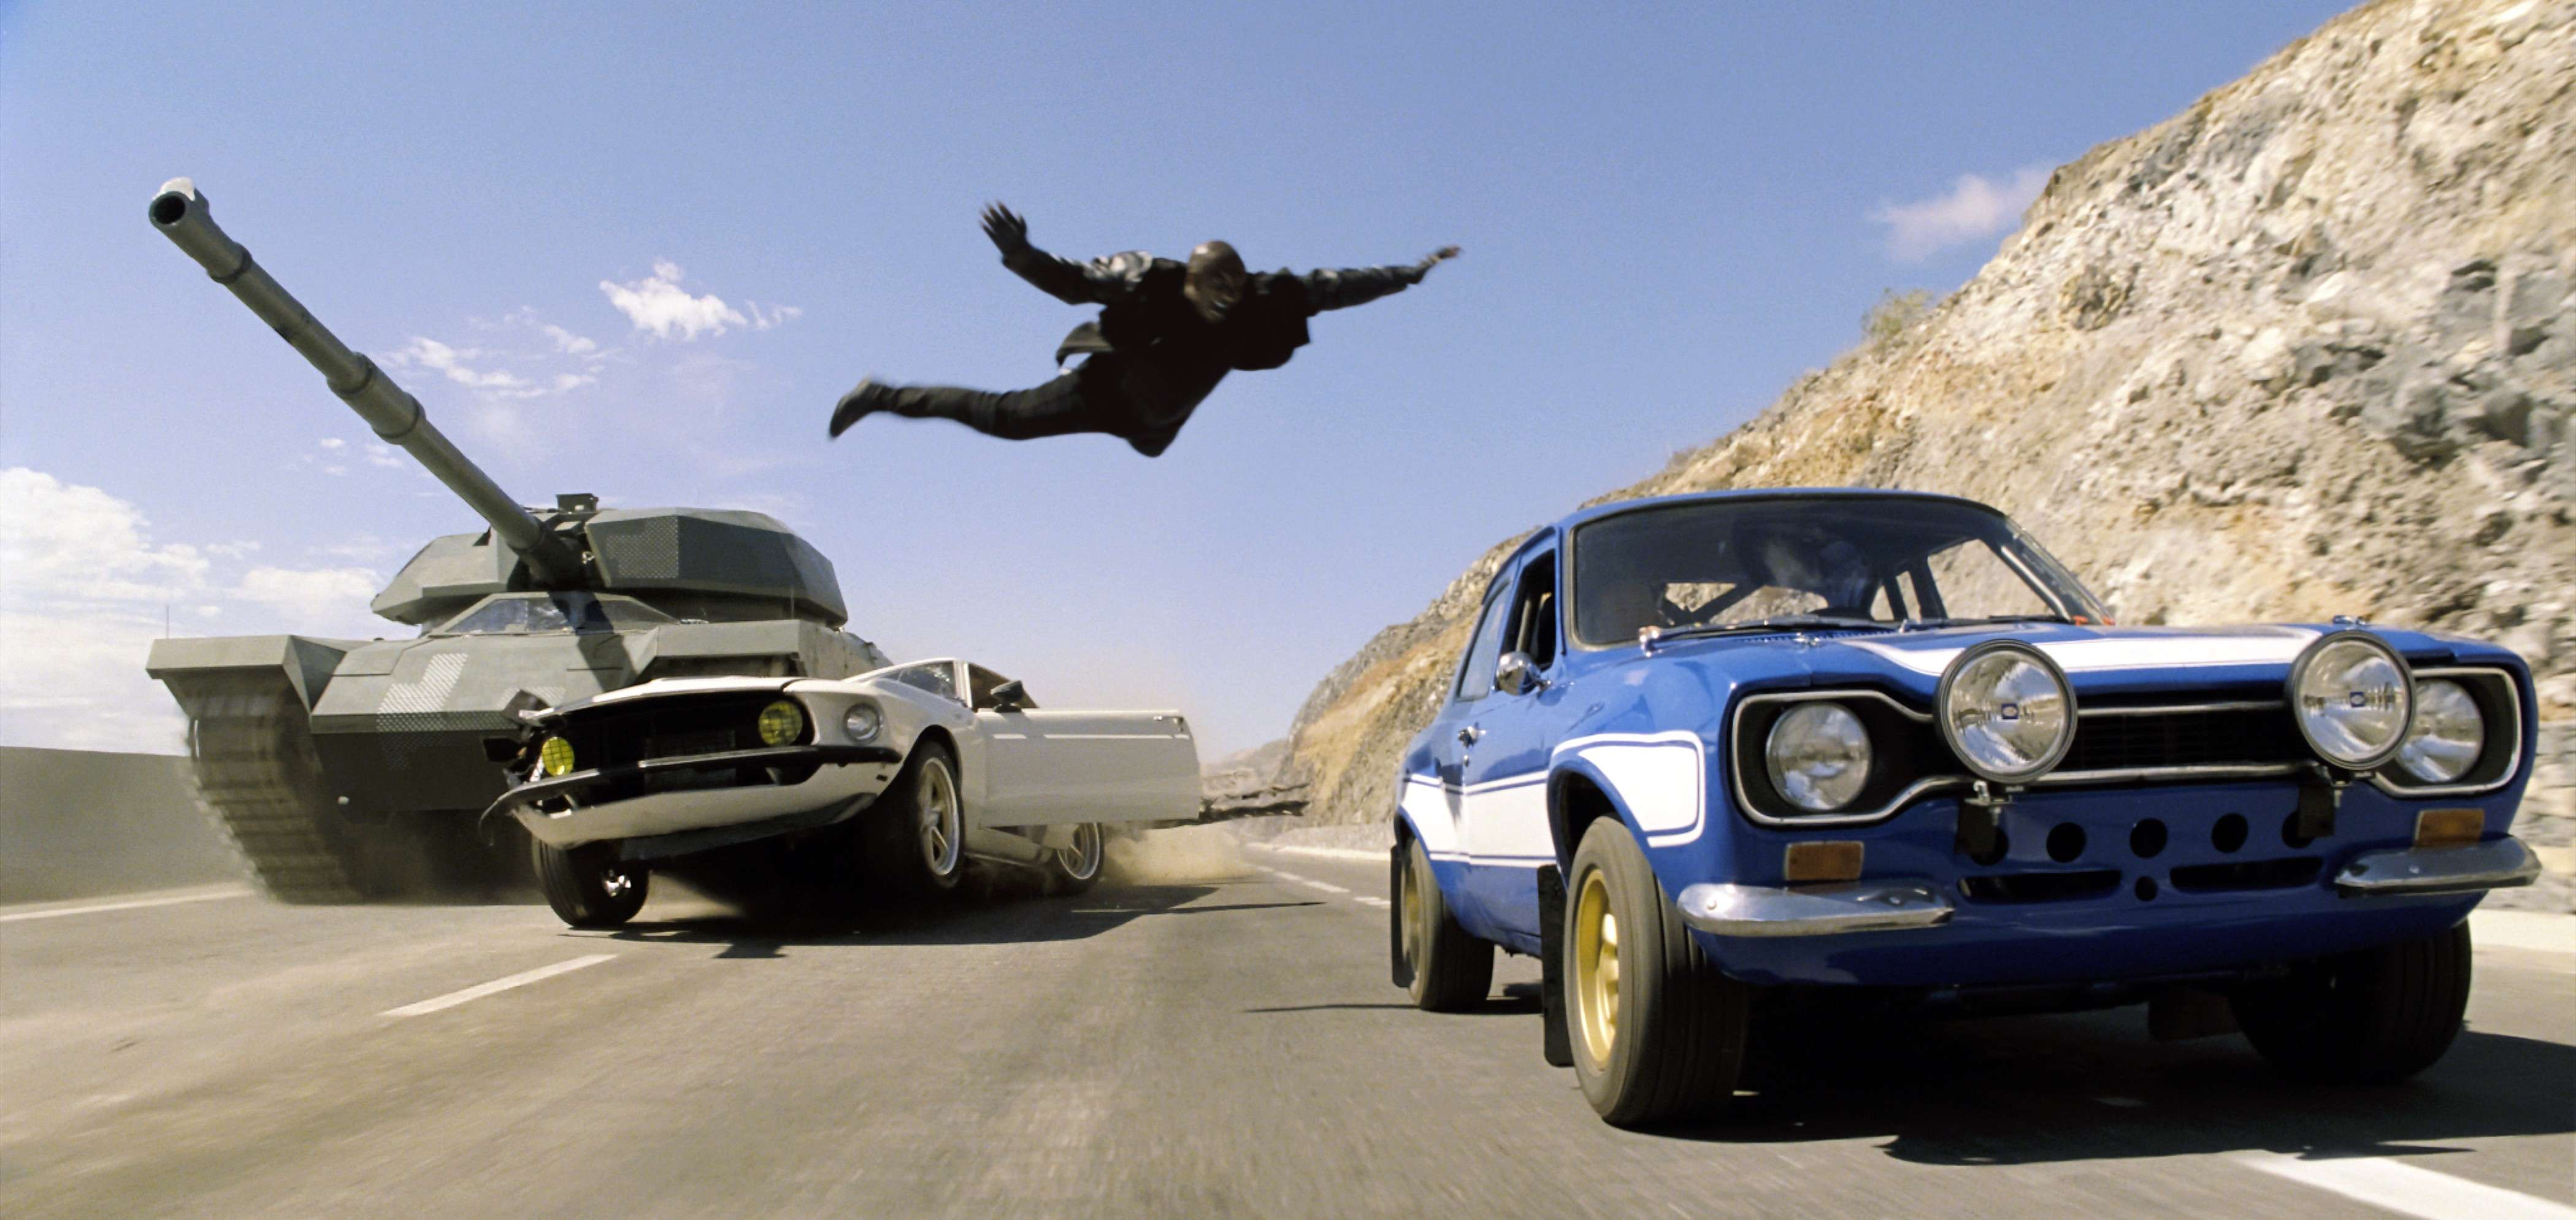 Rodaje 'Fast & Furious 6' en Canarias. Imagen cortesía de Universal Pictures